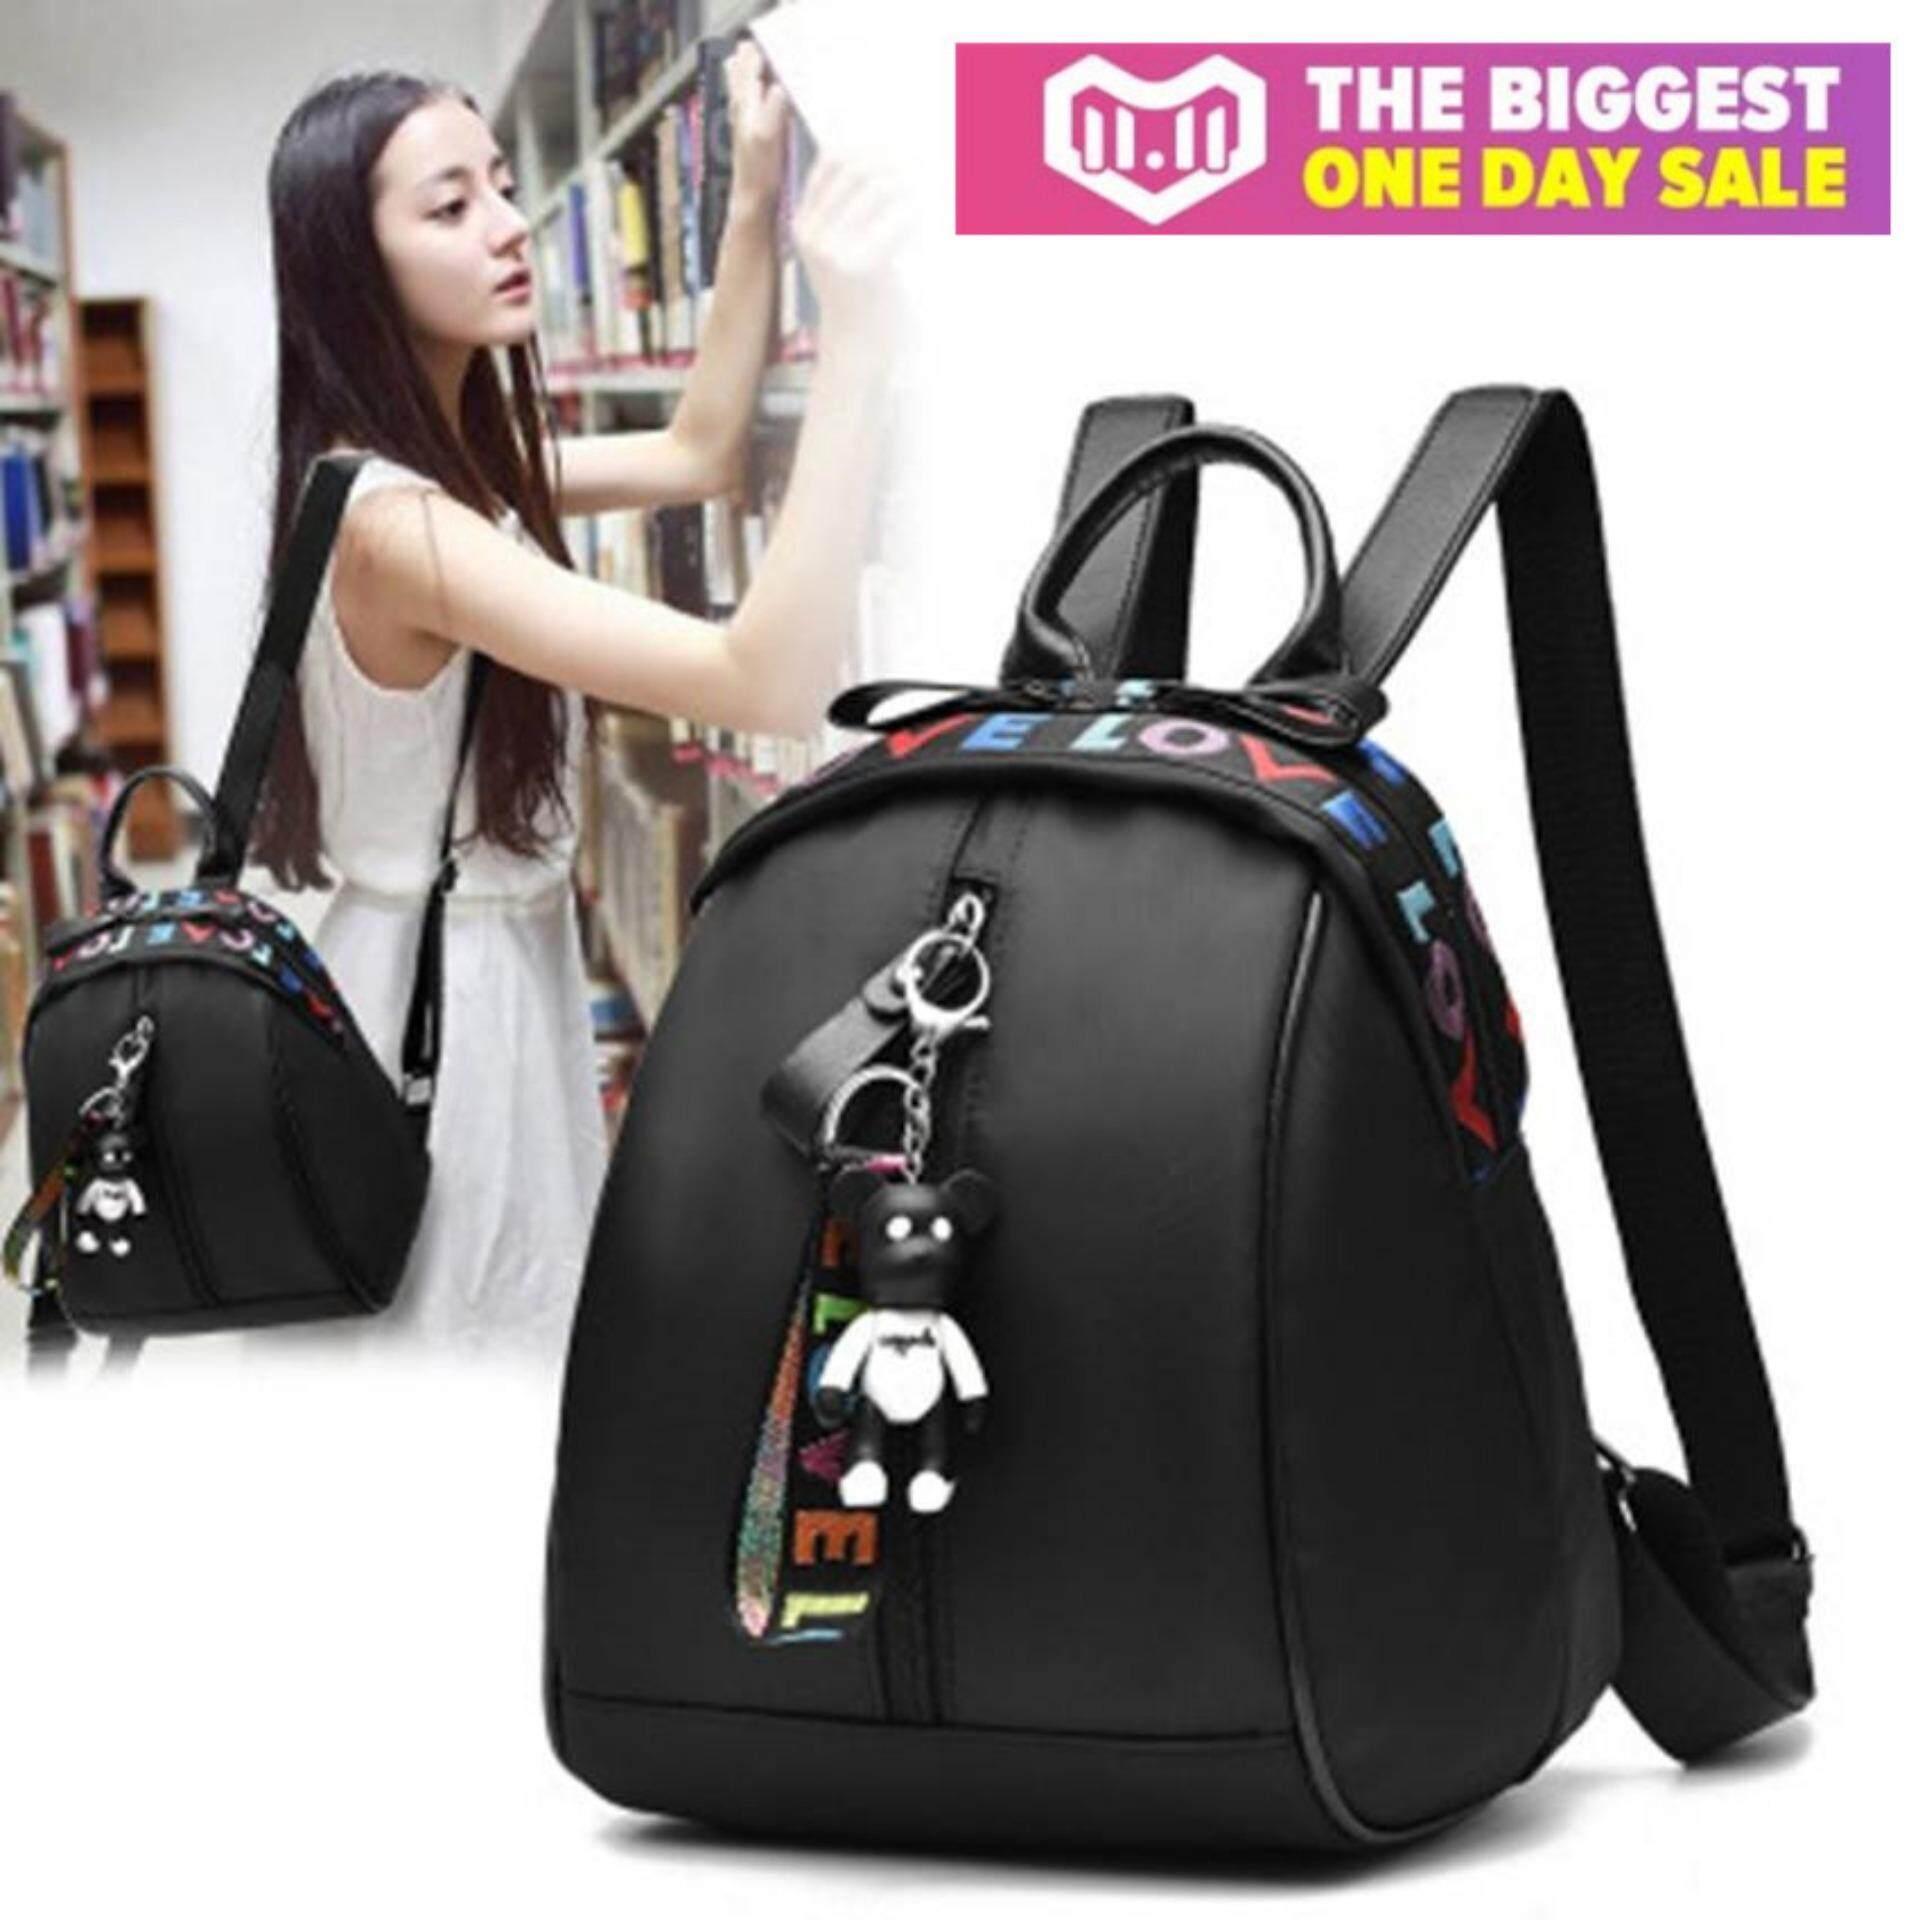 กระเป๋าถือ นักเรียน ผู้หญิง วัยรุ่น สุราษฎร์ธานี TB FASHION ดาวพร้อมกระเป๋าสะพาย กระเป๋า กระเป๋าเป้ กระเป๋าสะพายหลัง Backpack No B01   BLACK